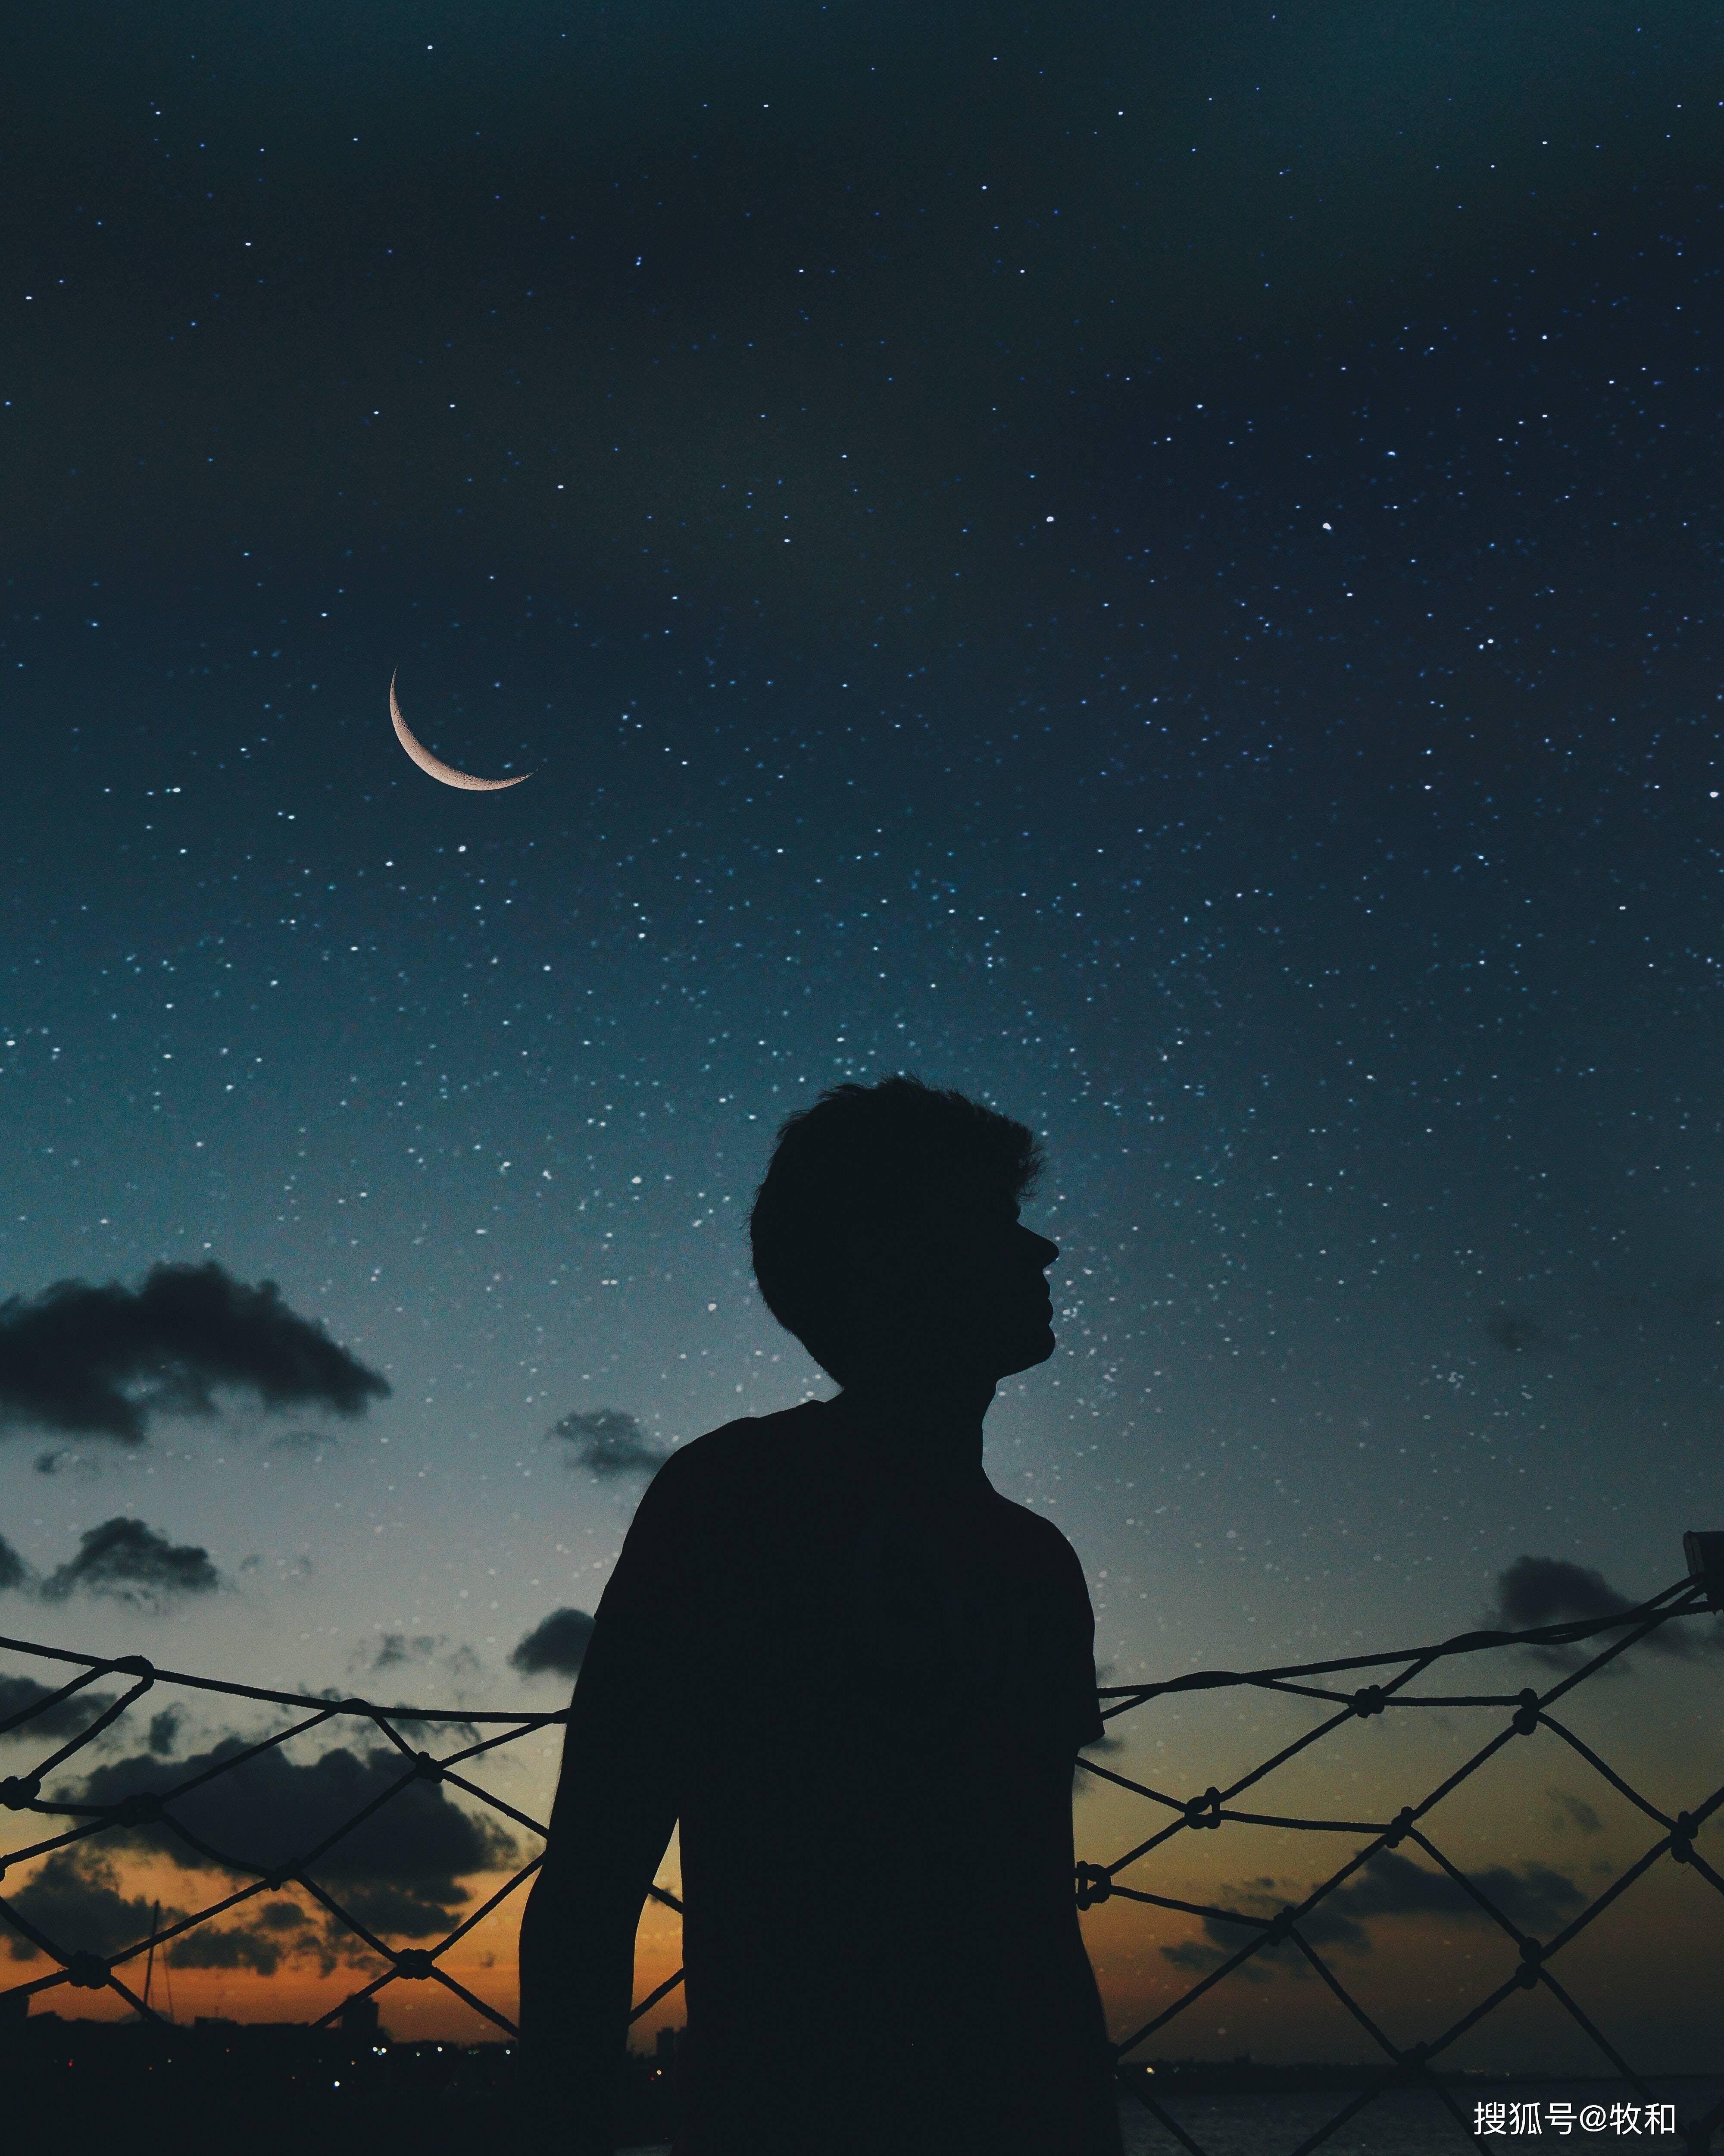 《牧和的诗》——等待黑夜